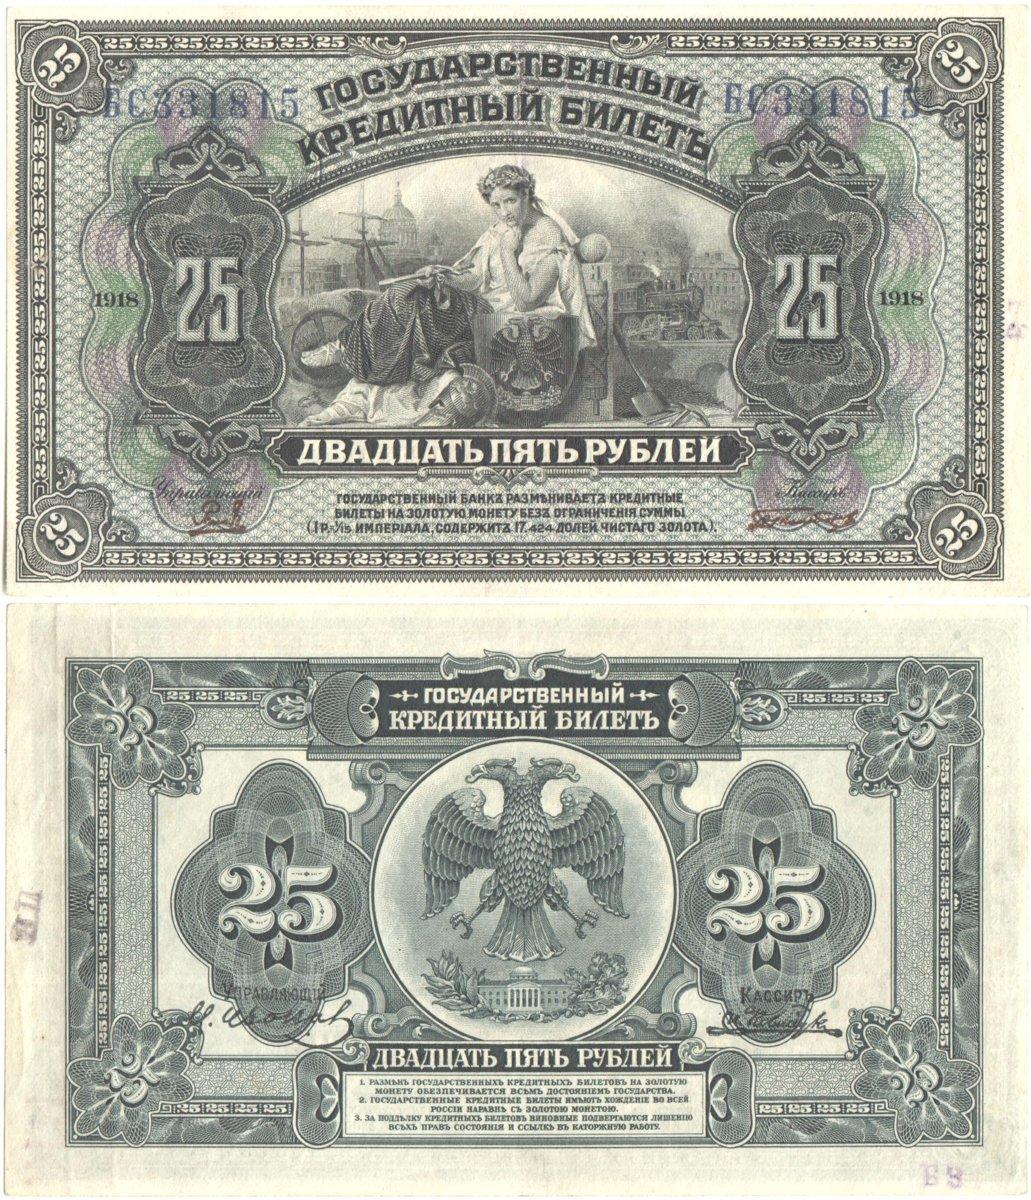 TATARSTAN 100 RUBLE 1991 P 5 B RUSSIA UNC LOT 10 PCS